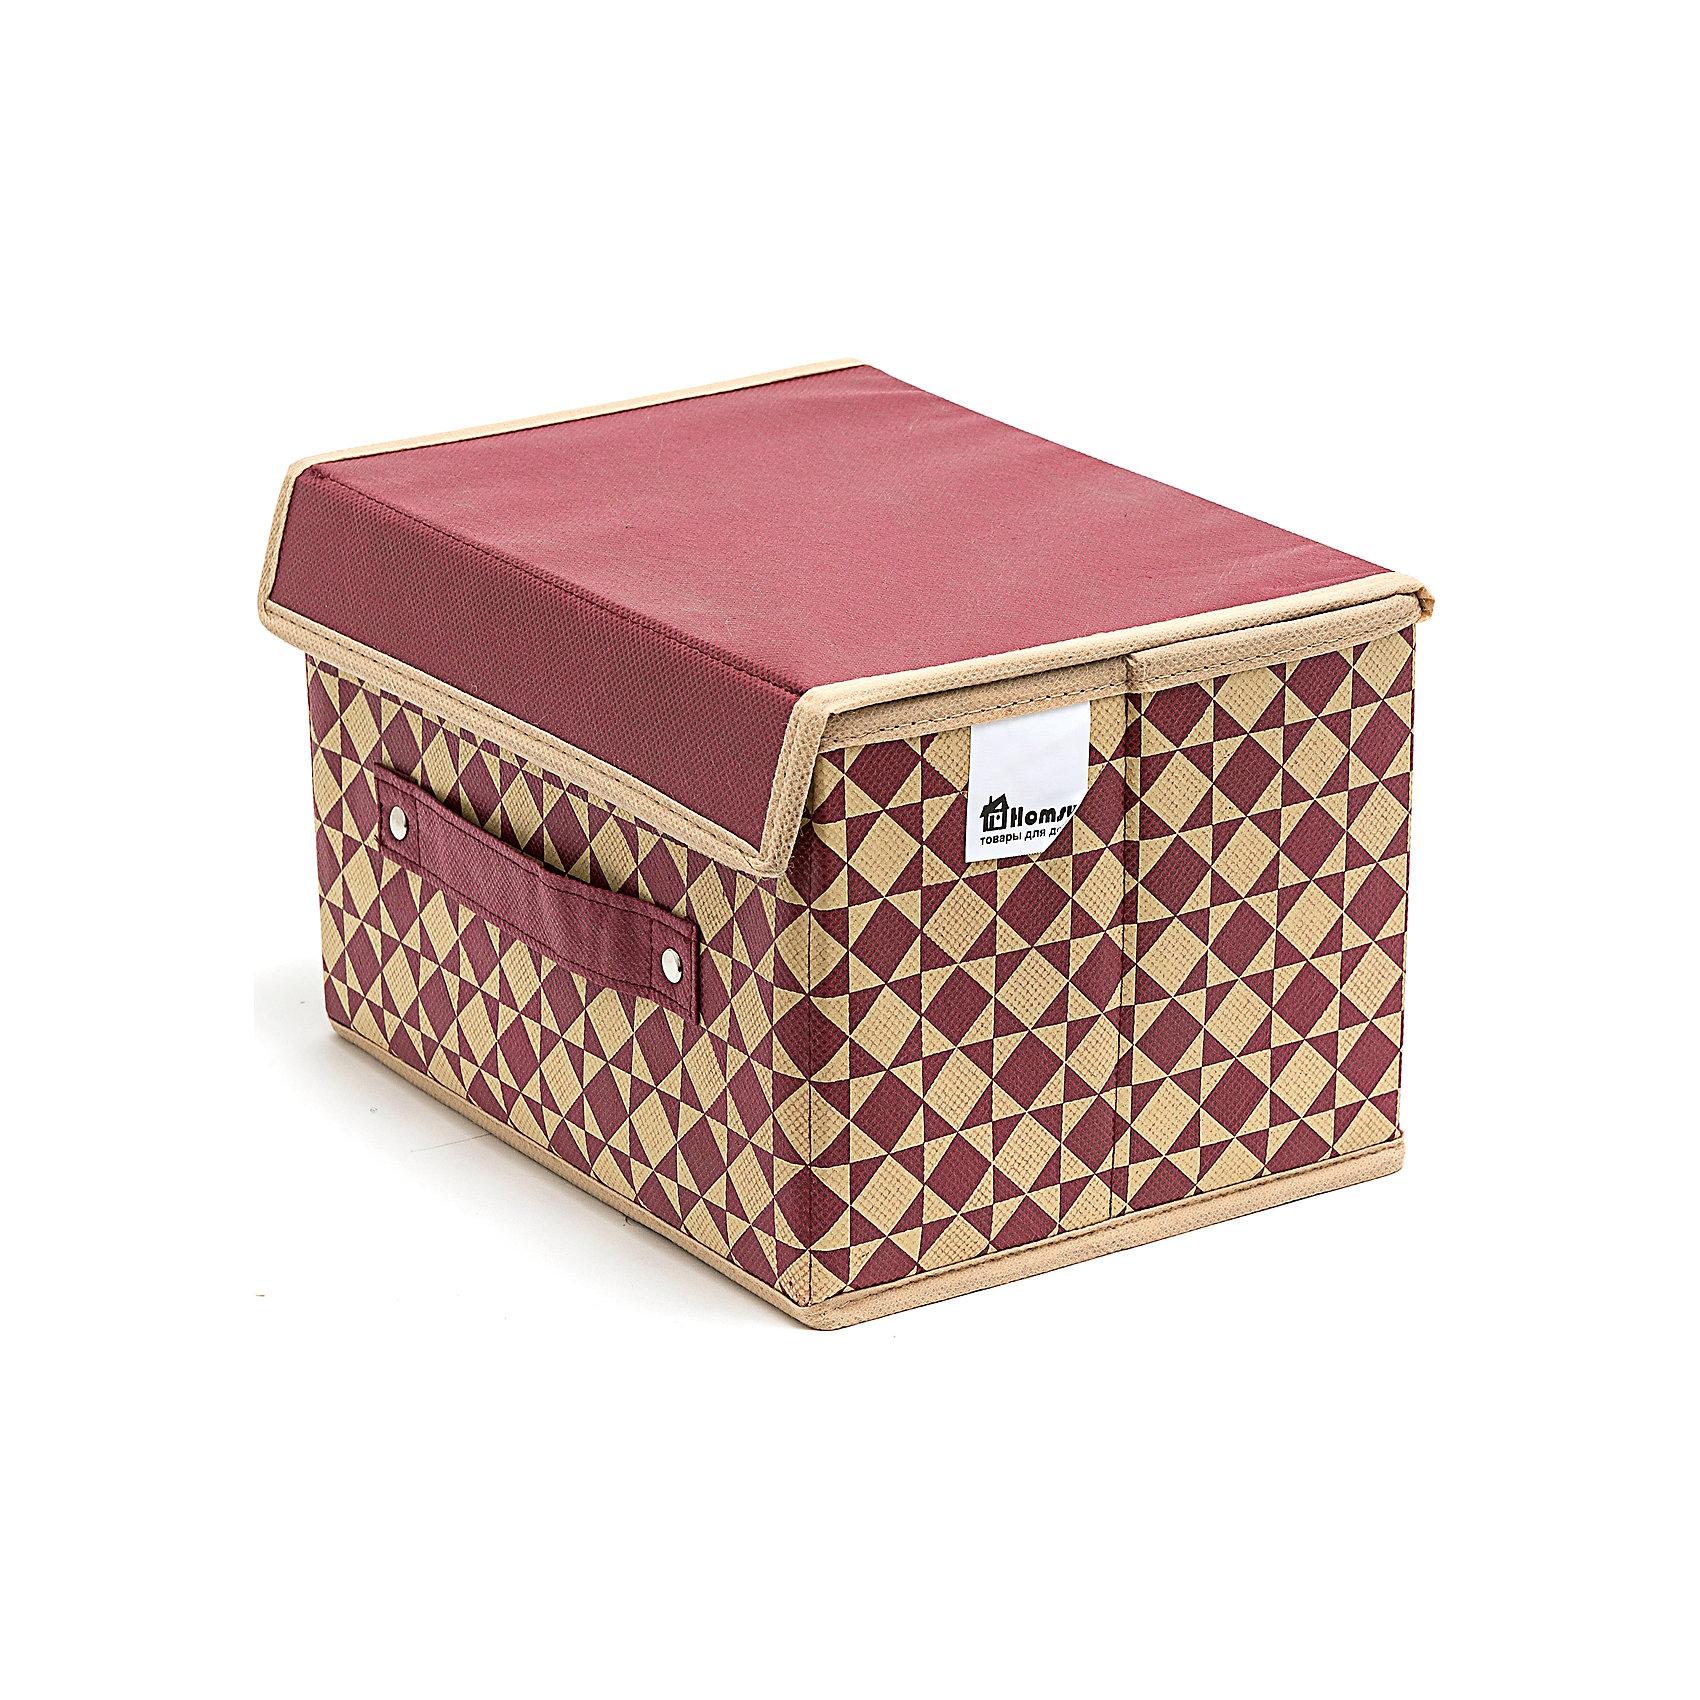 Коробка с крышкой Bordo (19*25*16), HomsuПорядок в детской<br>Универсальная коробочка для хранения любых вещей. Оптимальный размер позволяет хранить в ней любые вещи и предметы. Идеально подходит<br>в шкафы Экспедит от Икея.<br><br>Ширина мм: 190<br>Глубина мм: 250<br>Высота мм: 20<br>Вес г: 200<br>Возраст от месяцев: 216<br>Возраст до месяцев: 1188<br>Пол: Унисекс<br>Возраст: Детский<br>SKU: 5620172